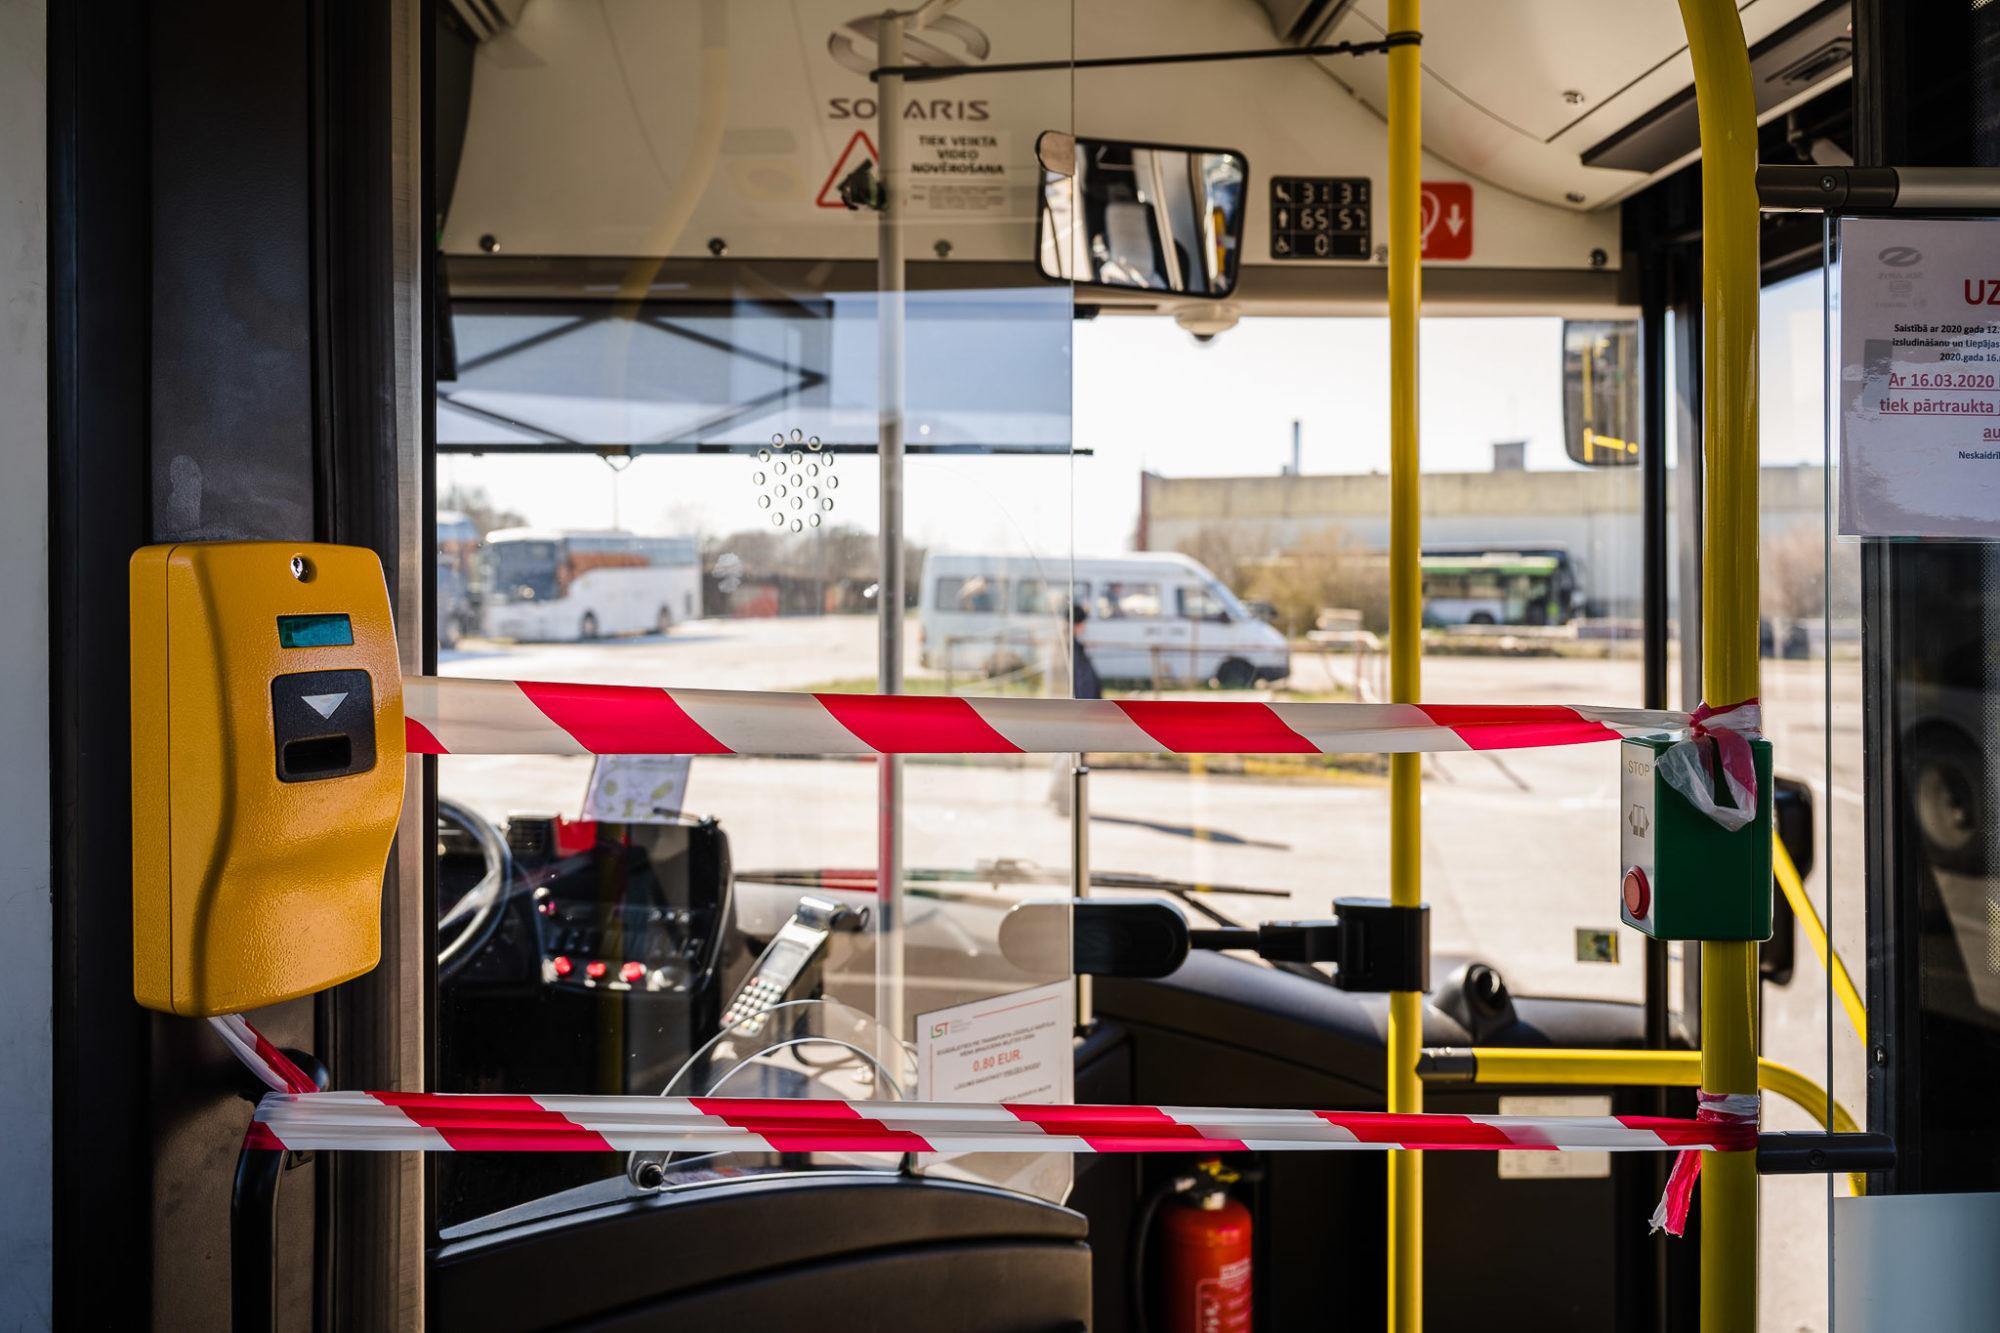 Atsāks izsniegt bezmaksas biļetes pie sabiedriskā transporta vadītājiem